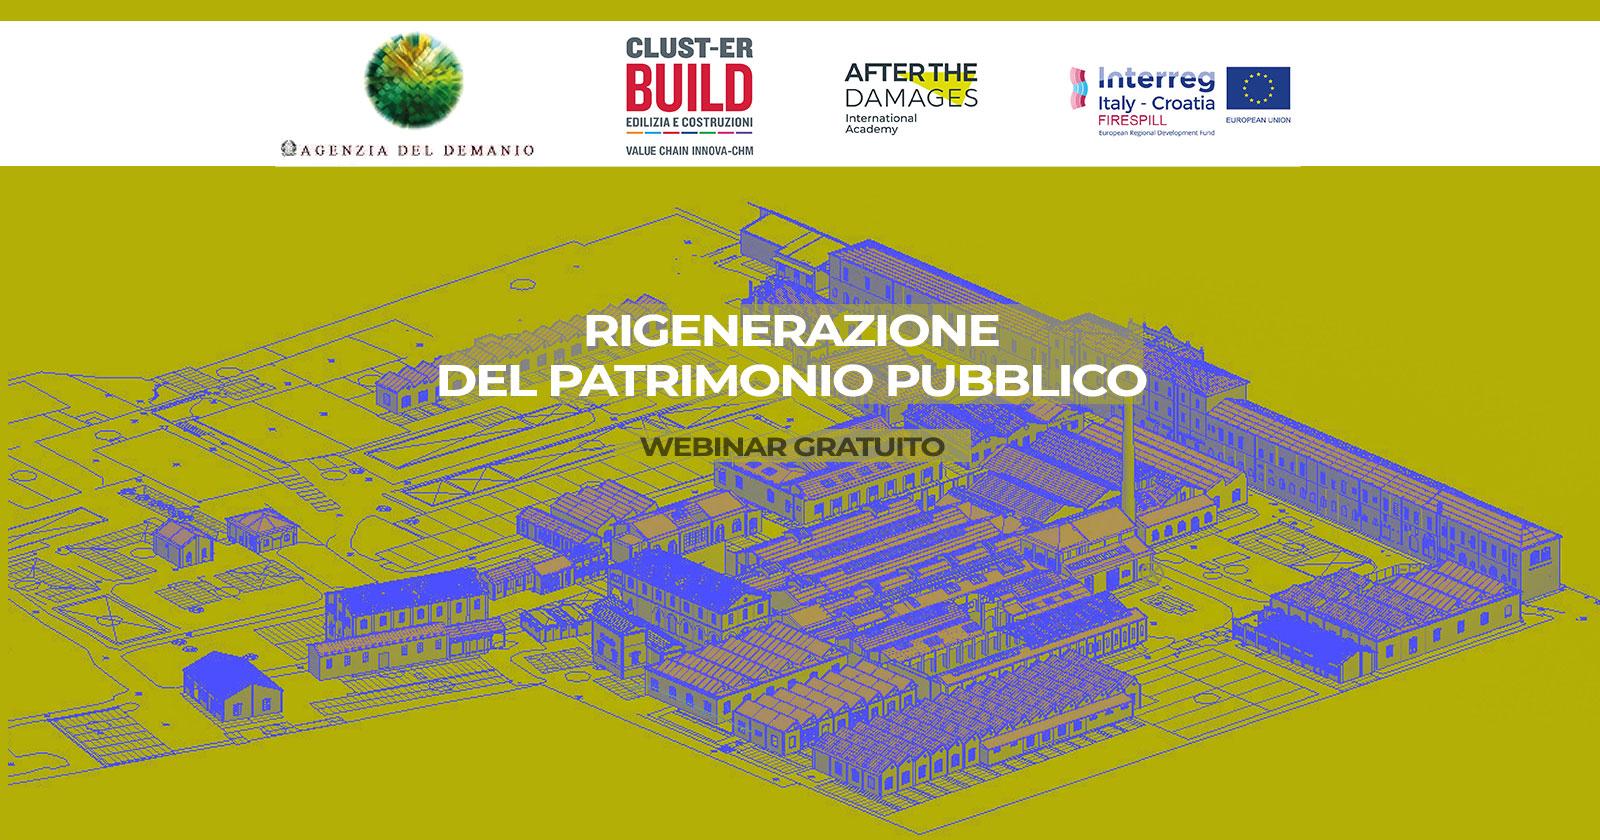 Rigenerazione del patrimonio pubblico tra digitalizzazione e sostenibilità ambientale